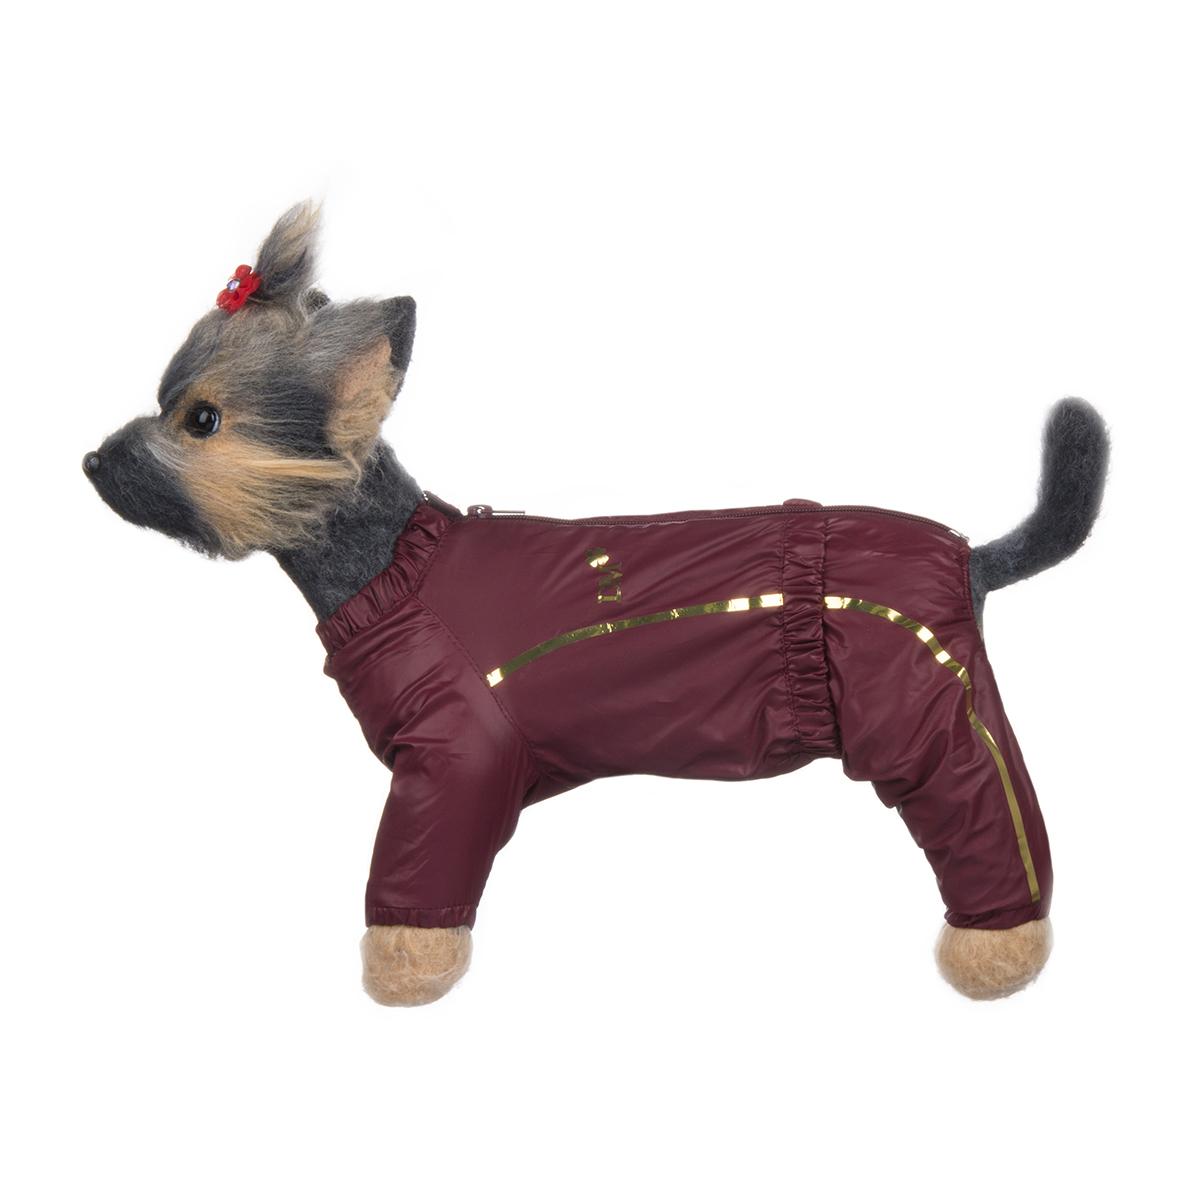 Комбинезон для собак Dogmoda Альпы, для девочки, цвет: бордовый. Размер 3 (L)DM-150325-3Комбинезон для собак Dogmoda Альпы отлично подойдет для прогулок поздней осенью или ранней весной.Комбинезон изготовлен из полиэстера, защищающего от ветра и осадков, с подкладкой из флиса, которая сохранит тепло и обеспечит отличный воздухообмен. Комбинезон застегивается на молнию и липучку, благодаря чему его легко надевать и снимать. Ворот, низ рукавов и брючин оснащены внутренними резинками, которые мягко обхватывают шею и лапки, не позволяя просачиваться холодному воздуху. На пояснице имеется внутренняя резинка. Изделие декорировано золотистыми полосками и надписью DM.Благодаря такому комбинезону простуда не грозит вашему питомцу и он не даст любимцу продрогнуть на прогулке.